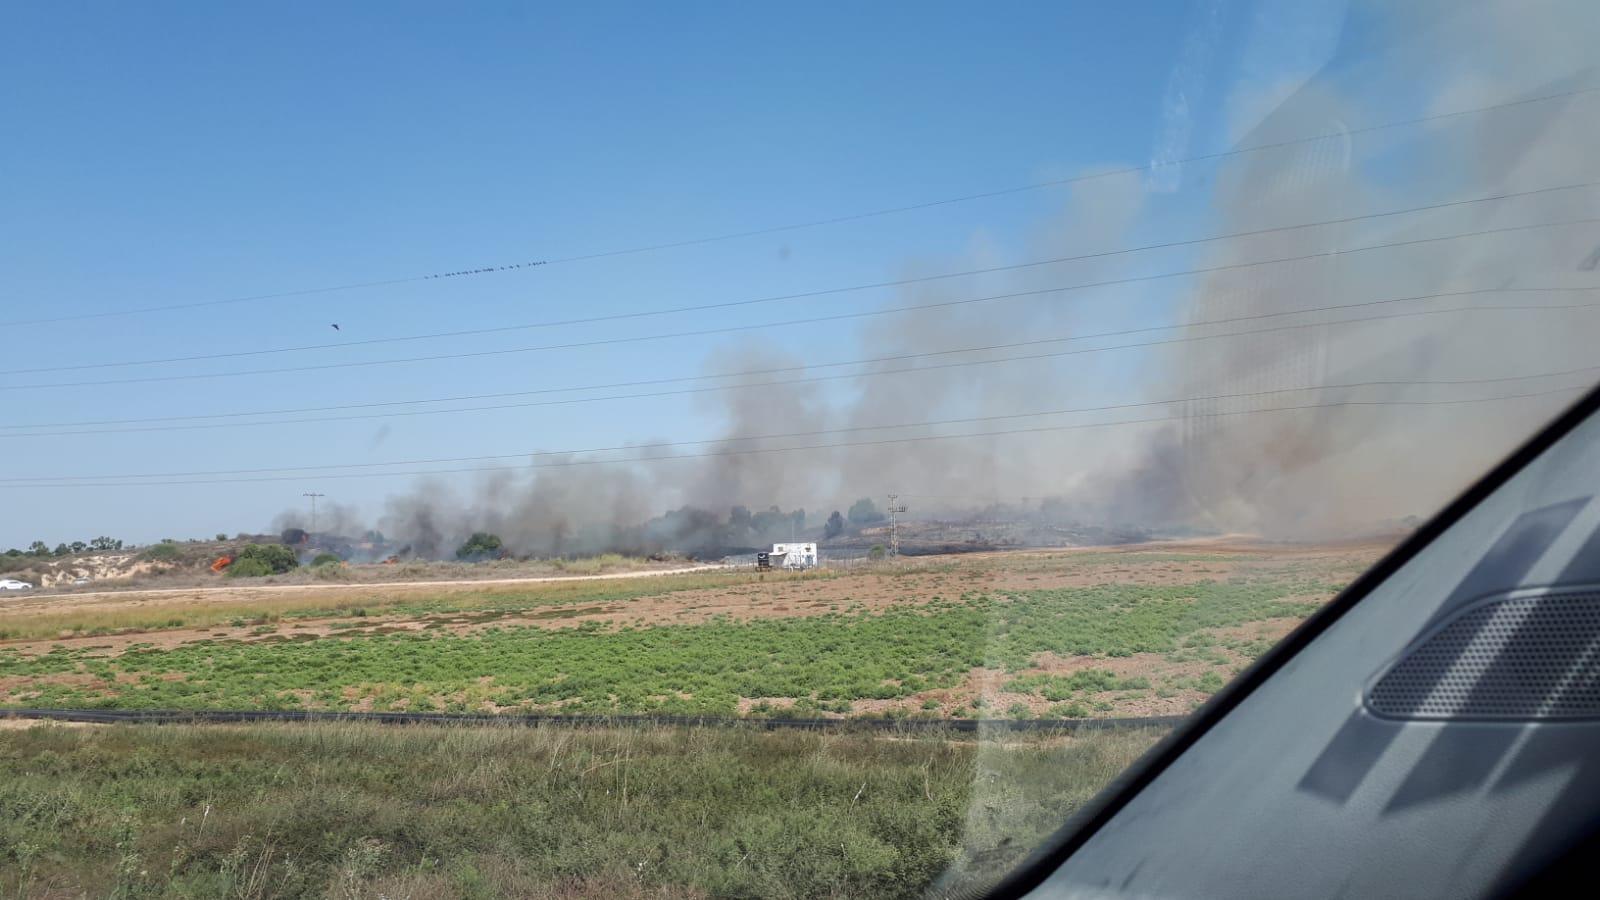 שריפה פרצה בעוטף – נבדק חשד כי נגרמה כתוצאה מבלוני תבערה